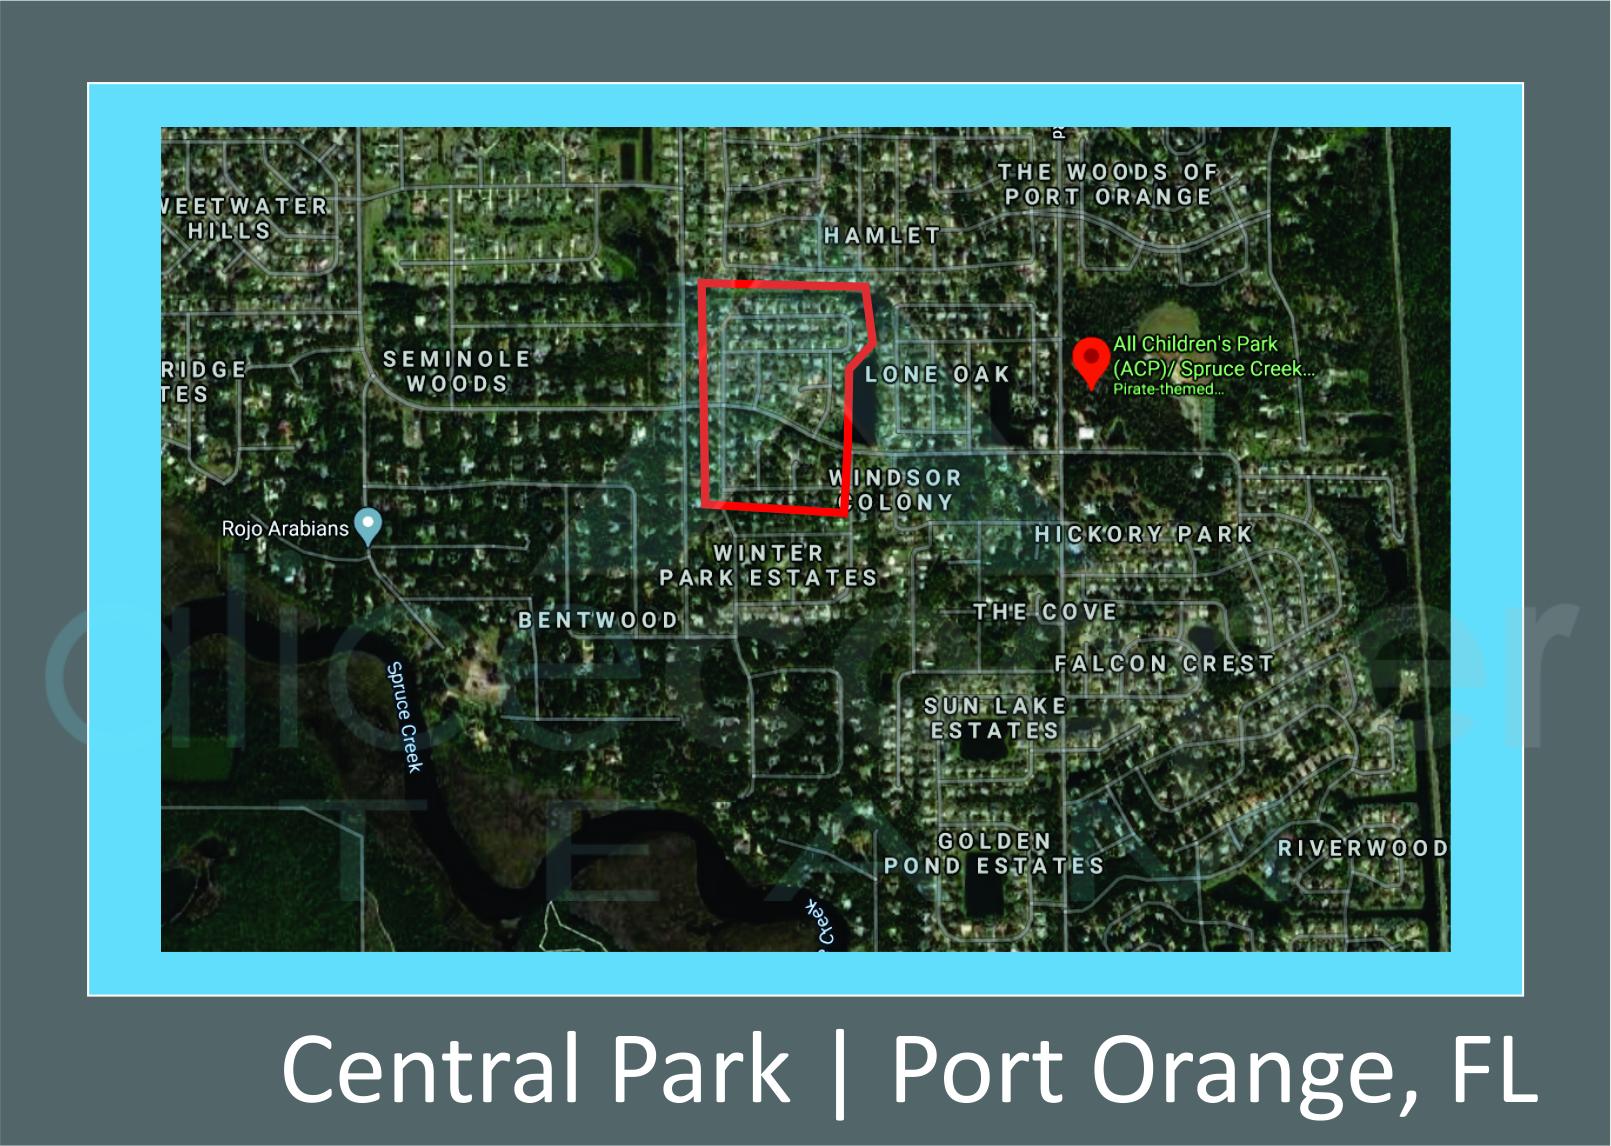 Map of Central Park Port Orange